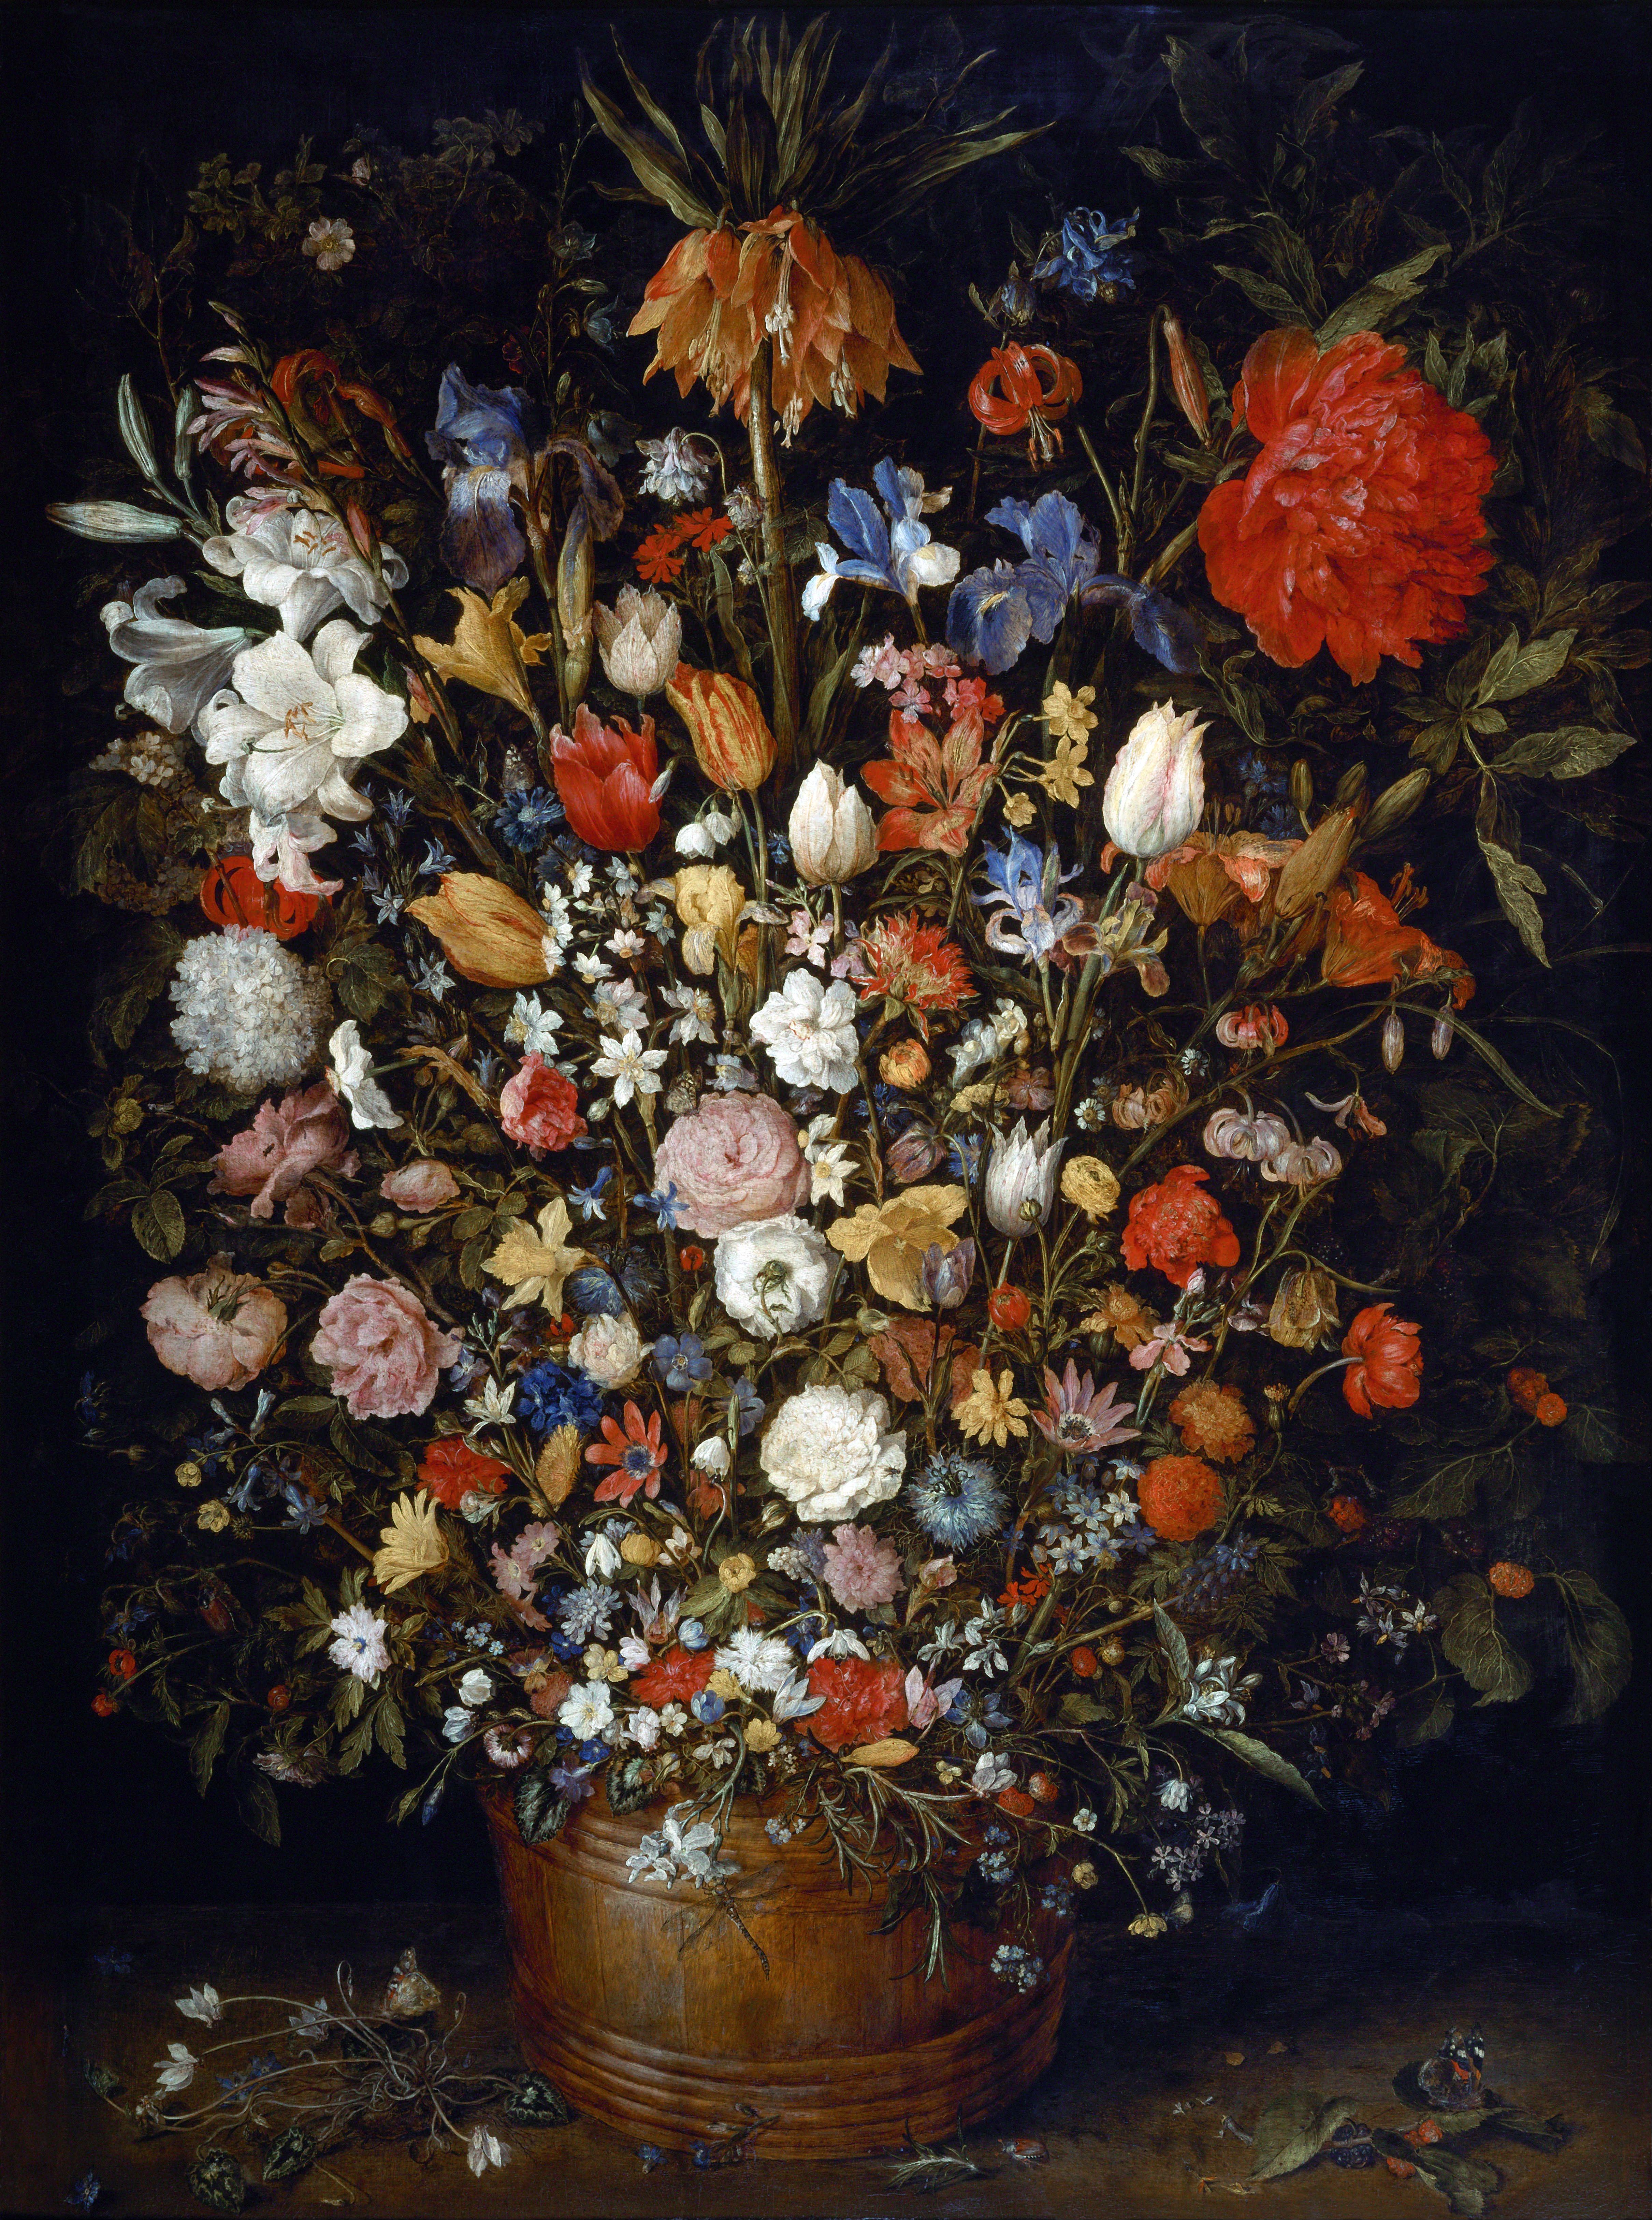 ''Flowers in a Wooden Vessel, 1603''